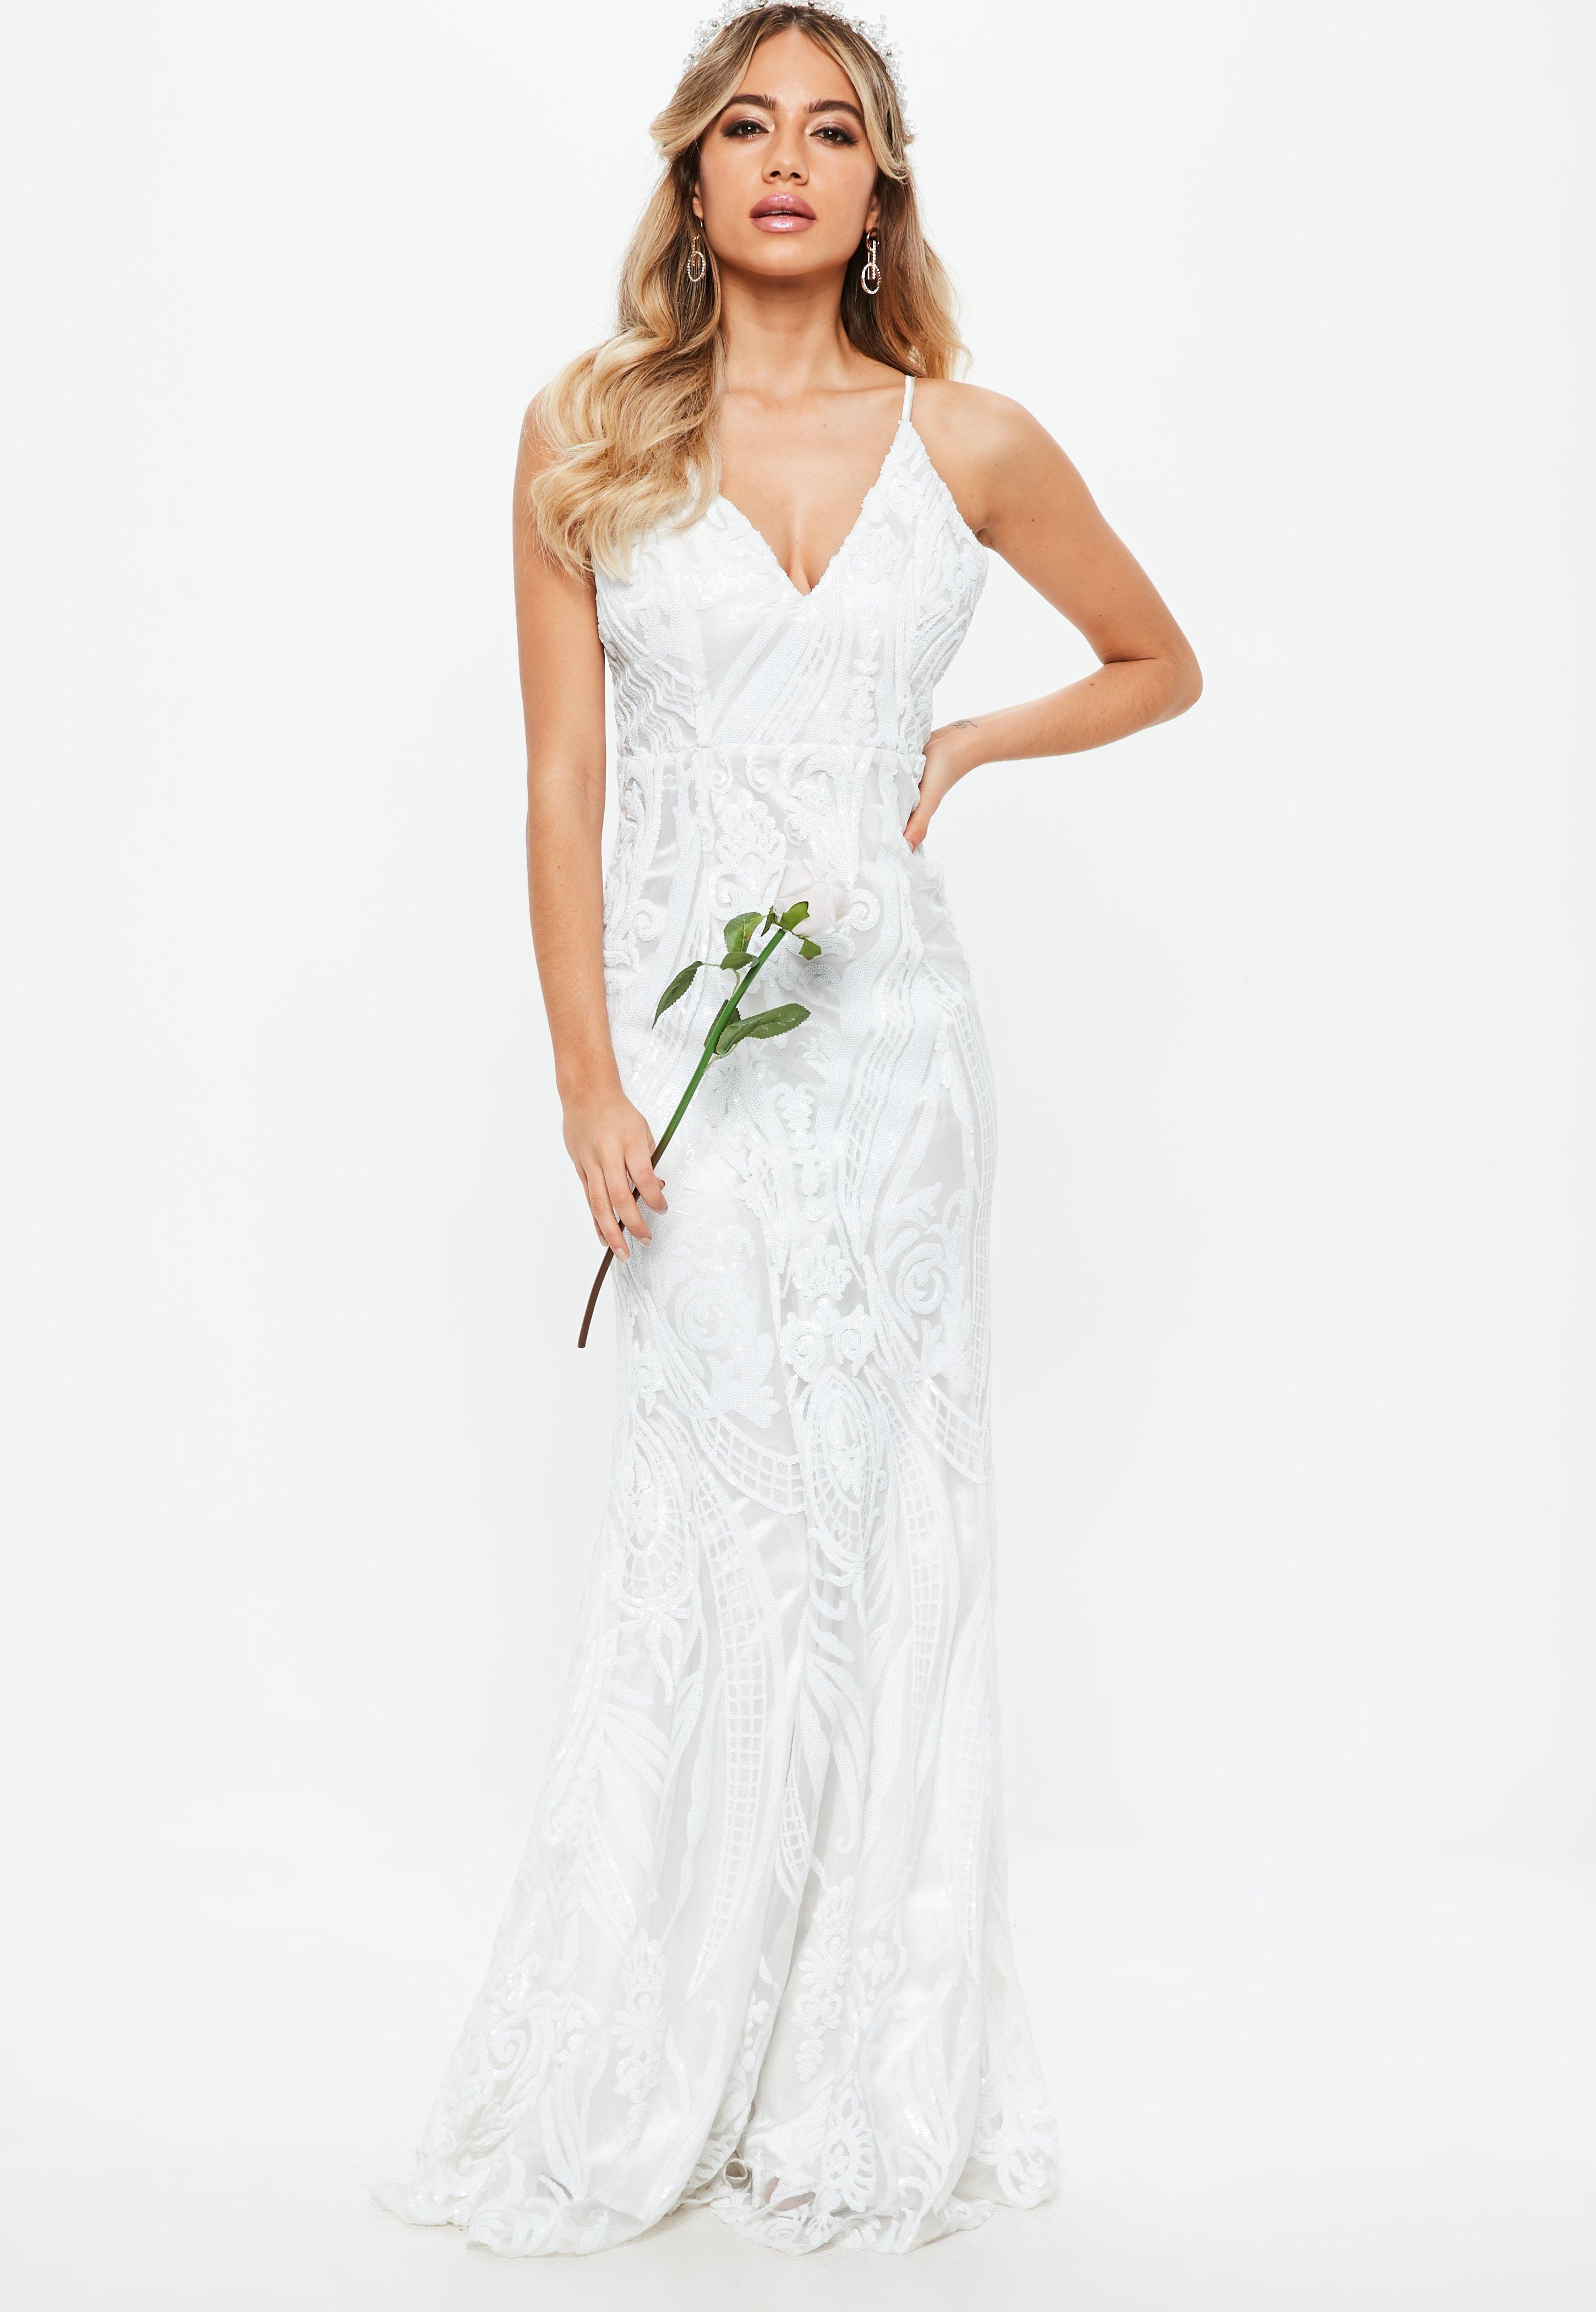 Hochzeitskleider, Brautkleider & Brautbekleidung - Missguided DE